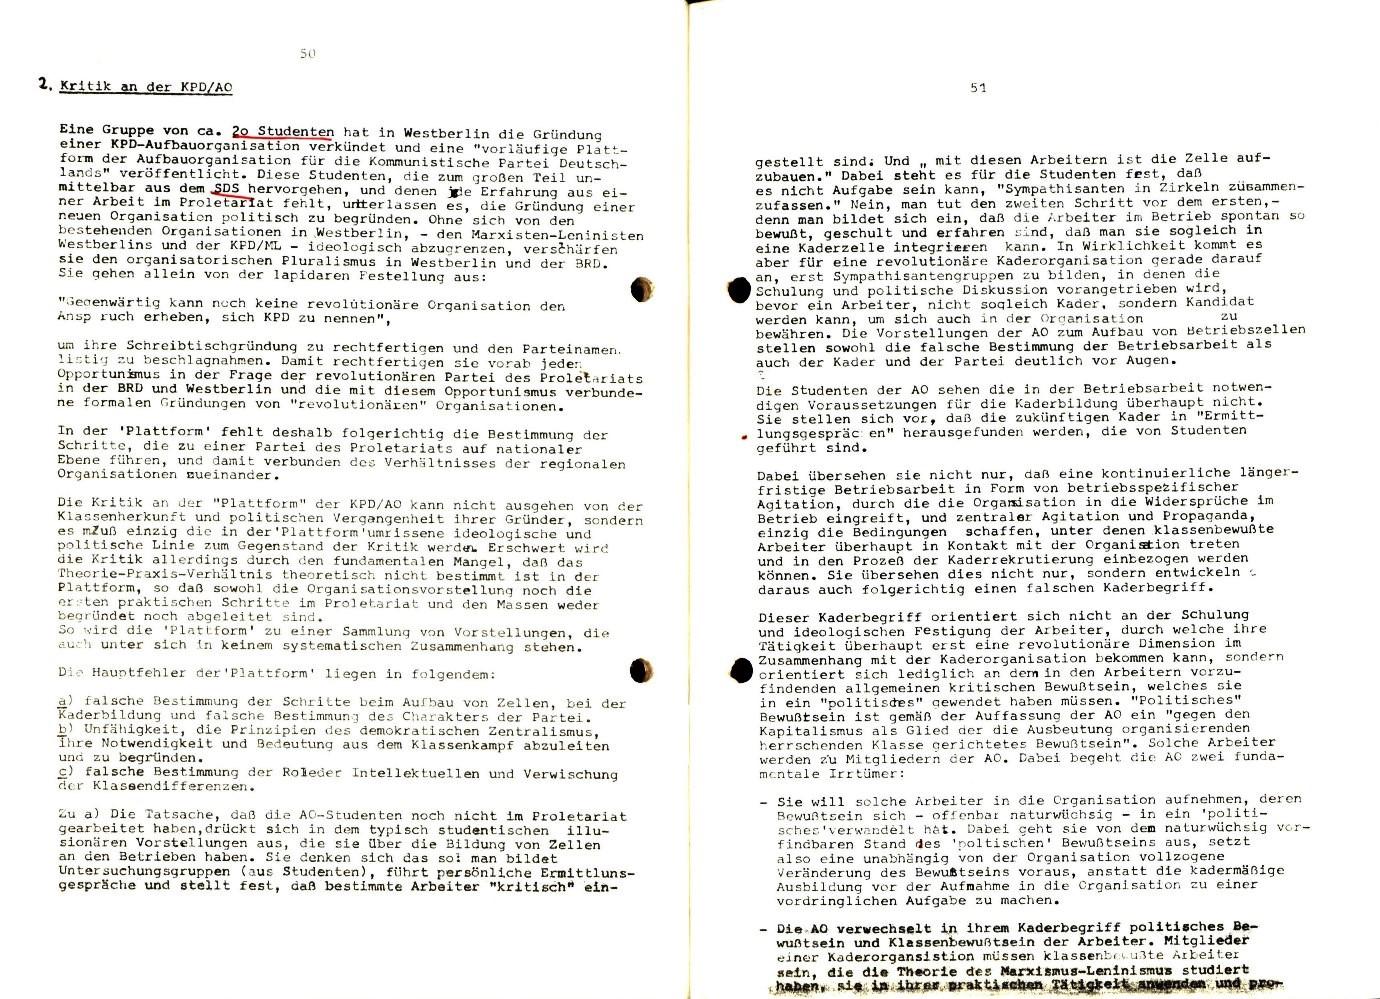 Berlin_KBML_Kommunist_1970_01_28